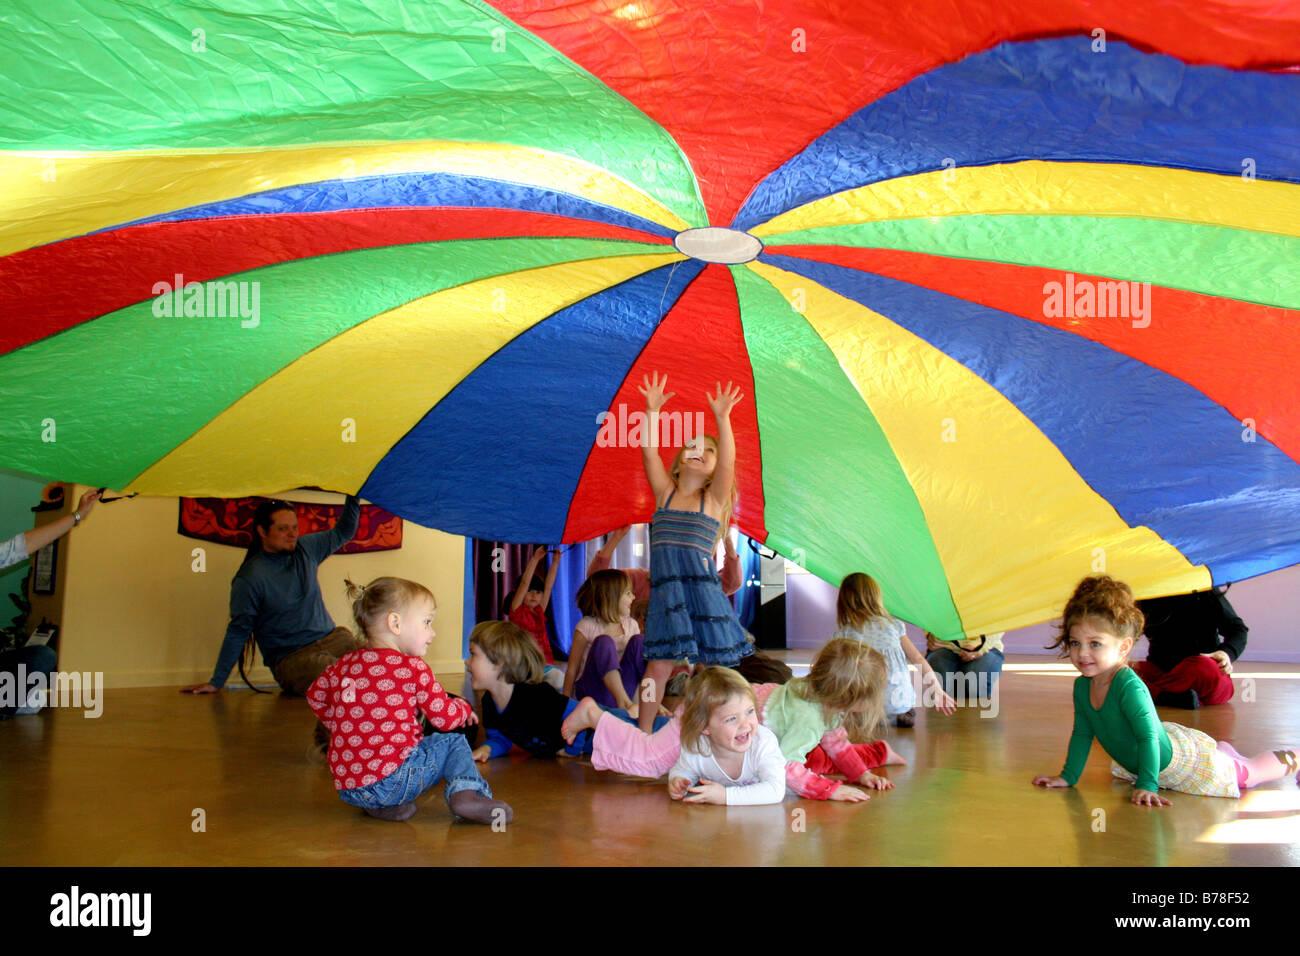 Libere a los niños jugando bajo uplifted coloridos paracaídas en California play group Imagen De Stock